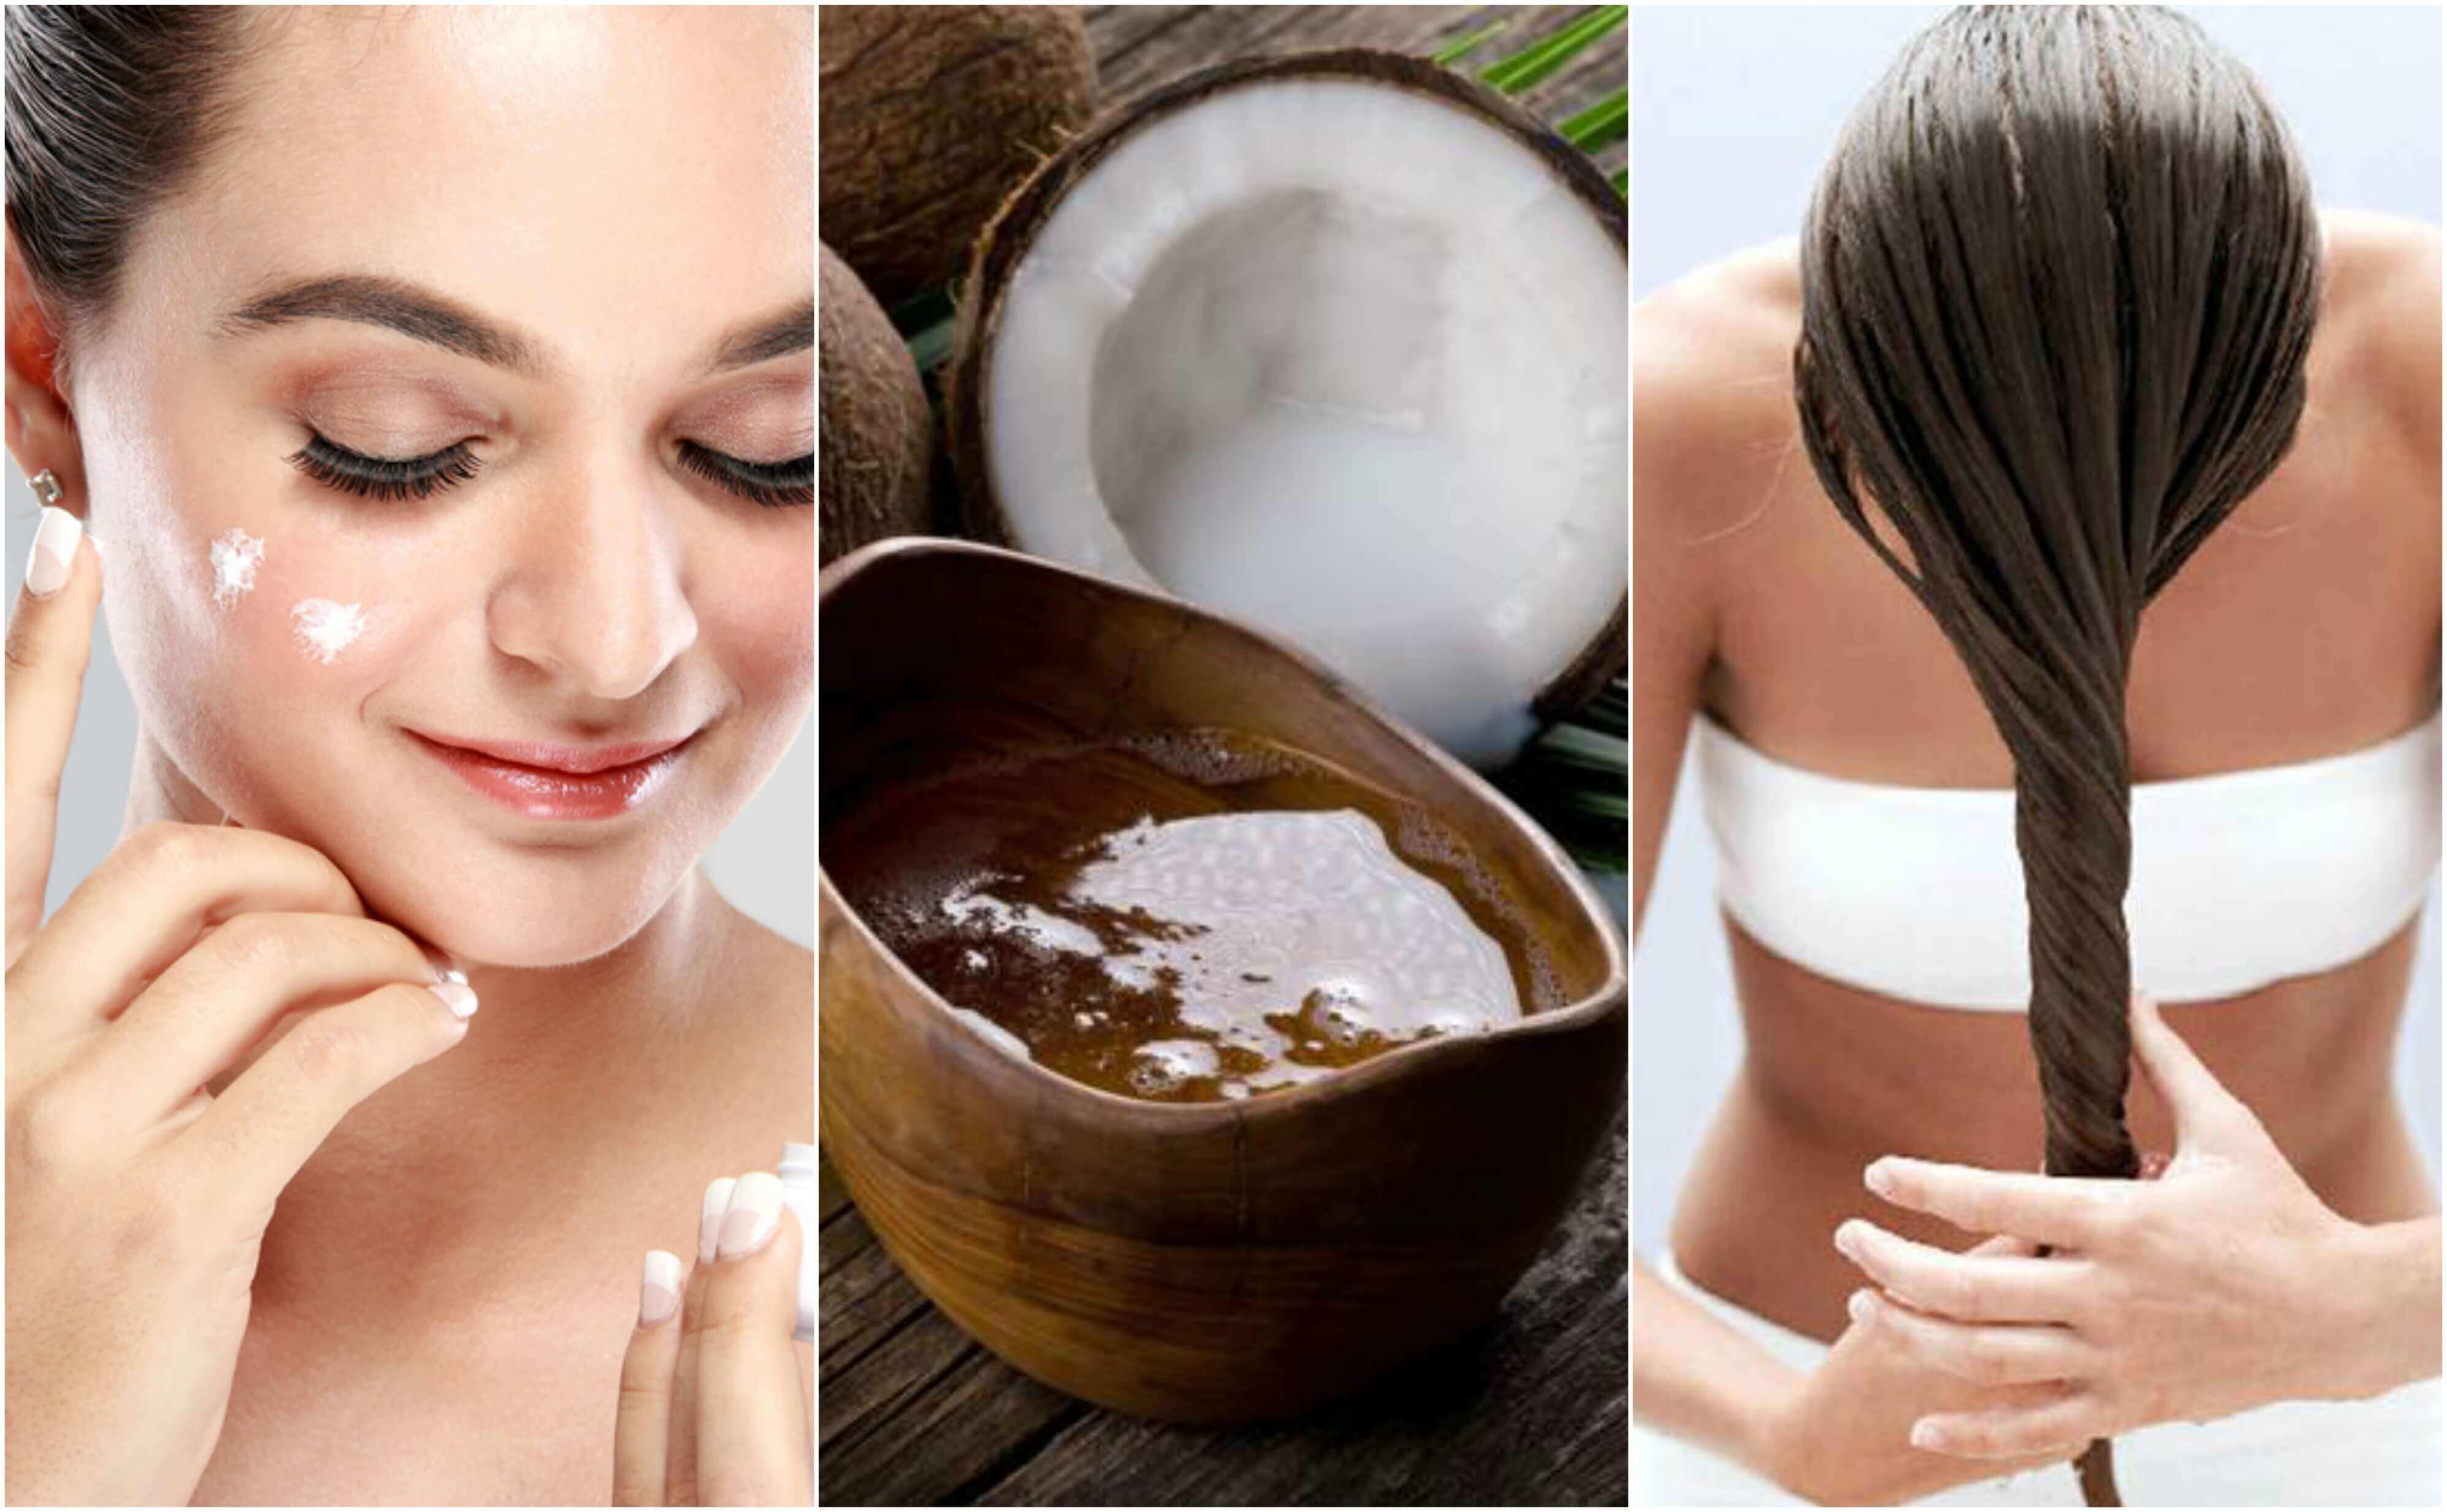 Você conhece os usos cosméticos do óleo de coco? Descubra 5 tratamentos